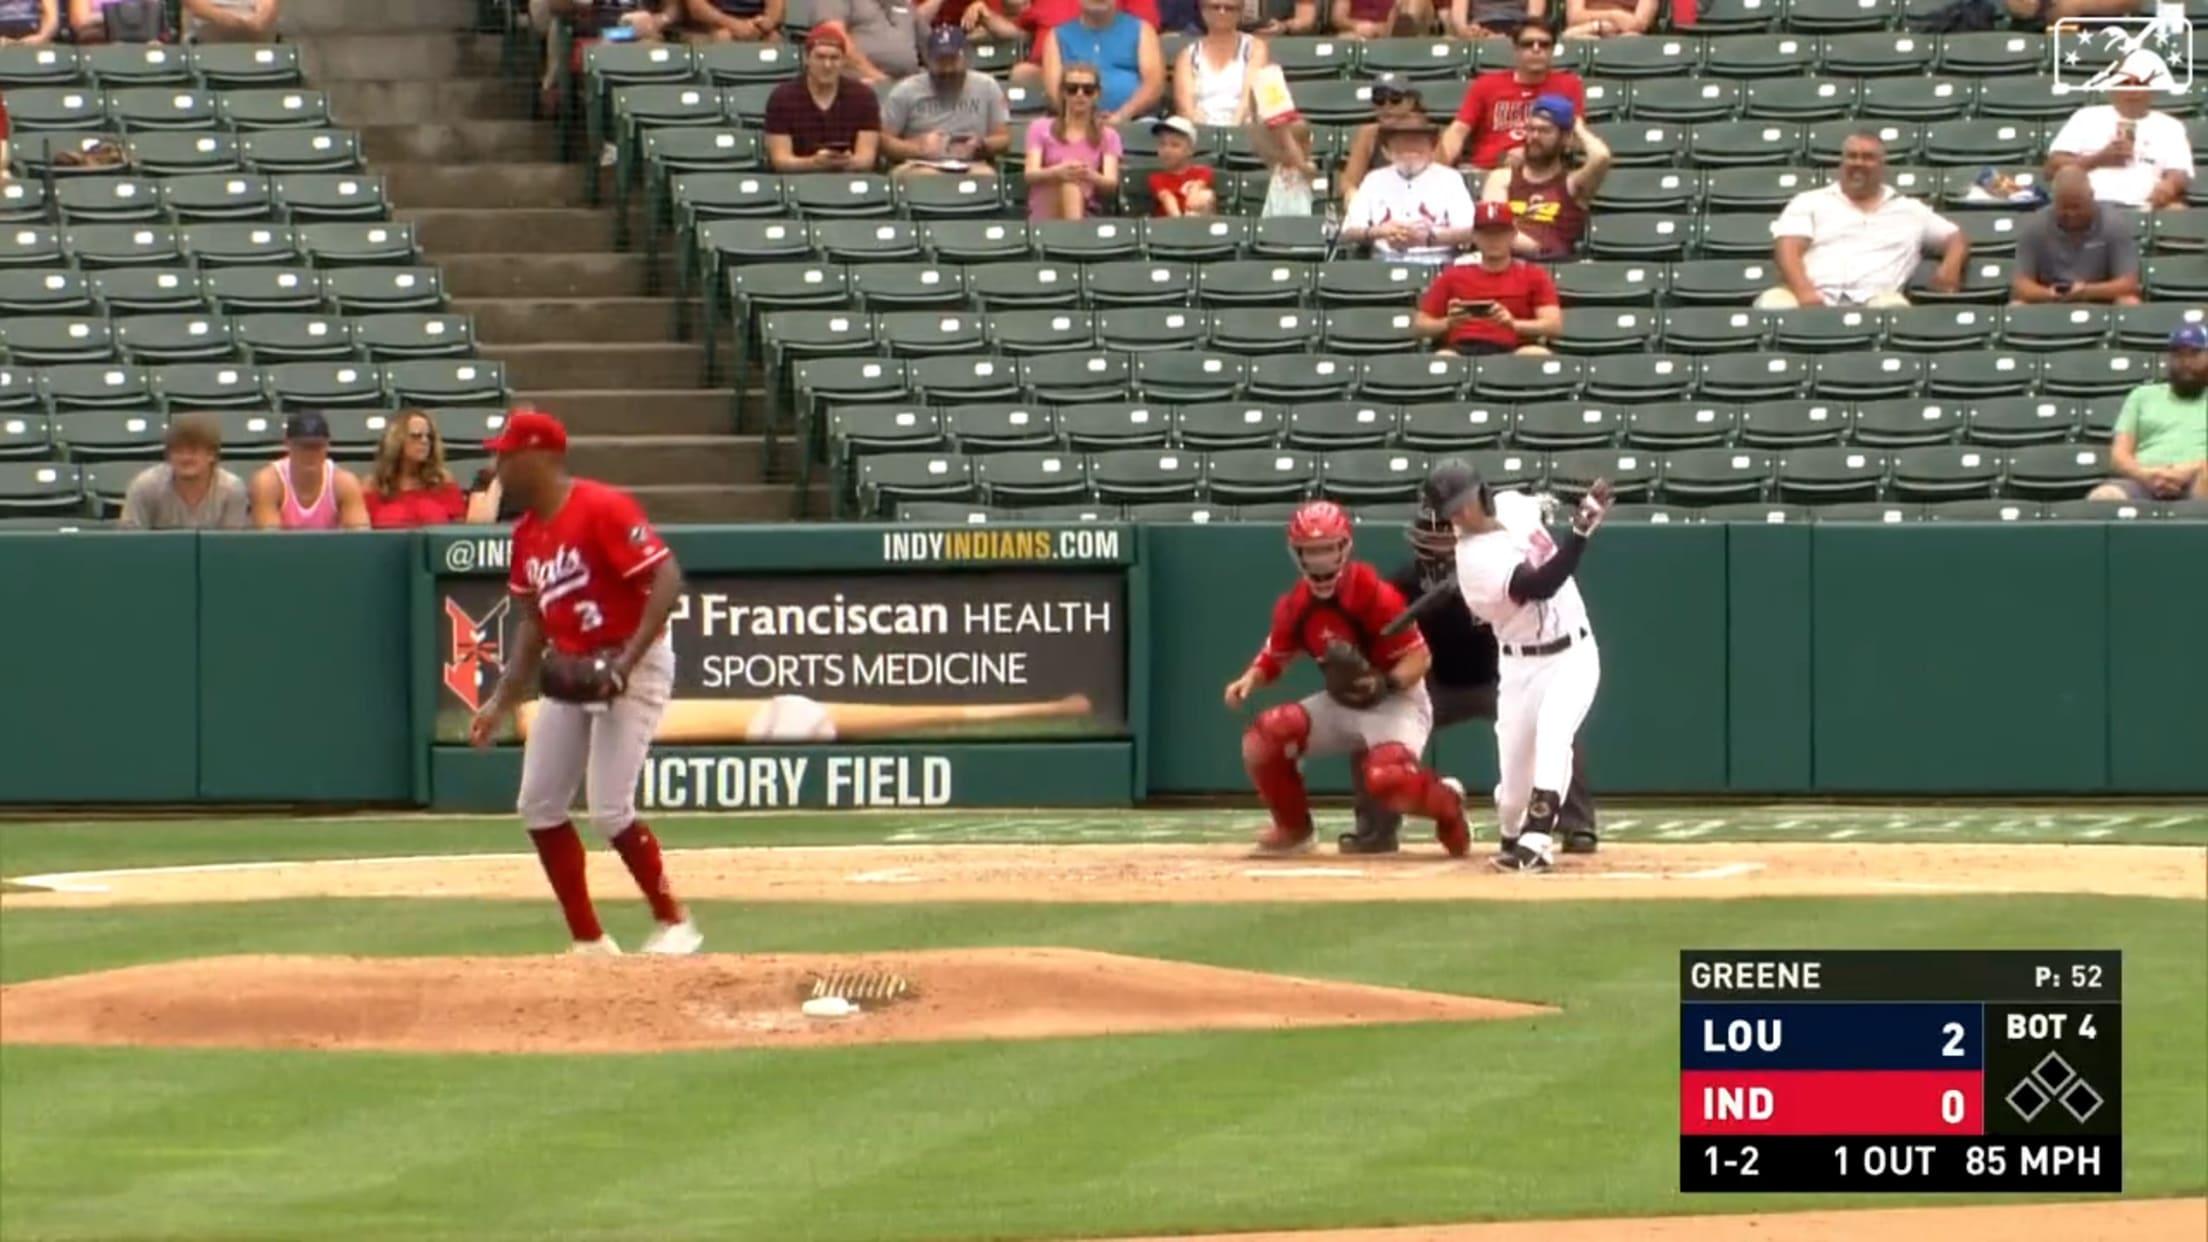 Bats' Greene notches strikeout